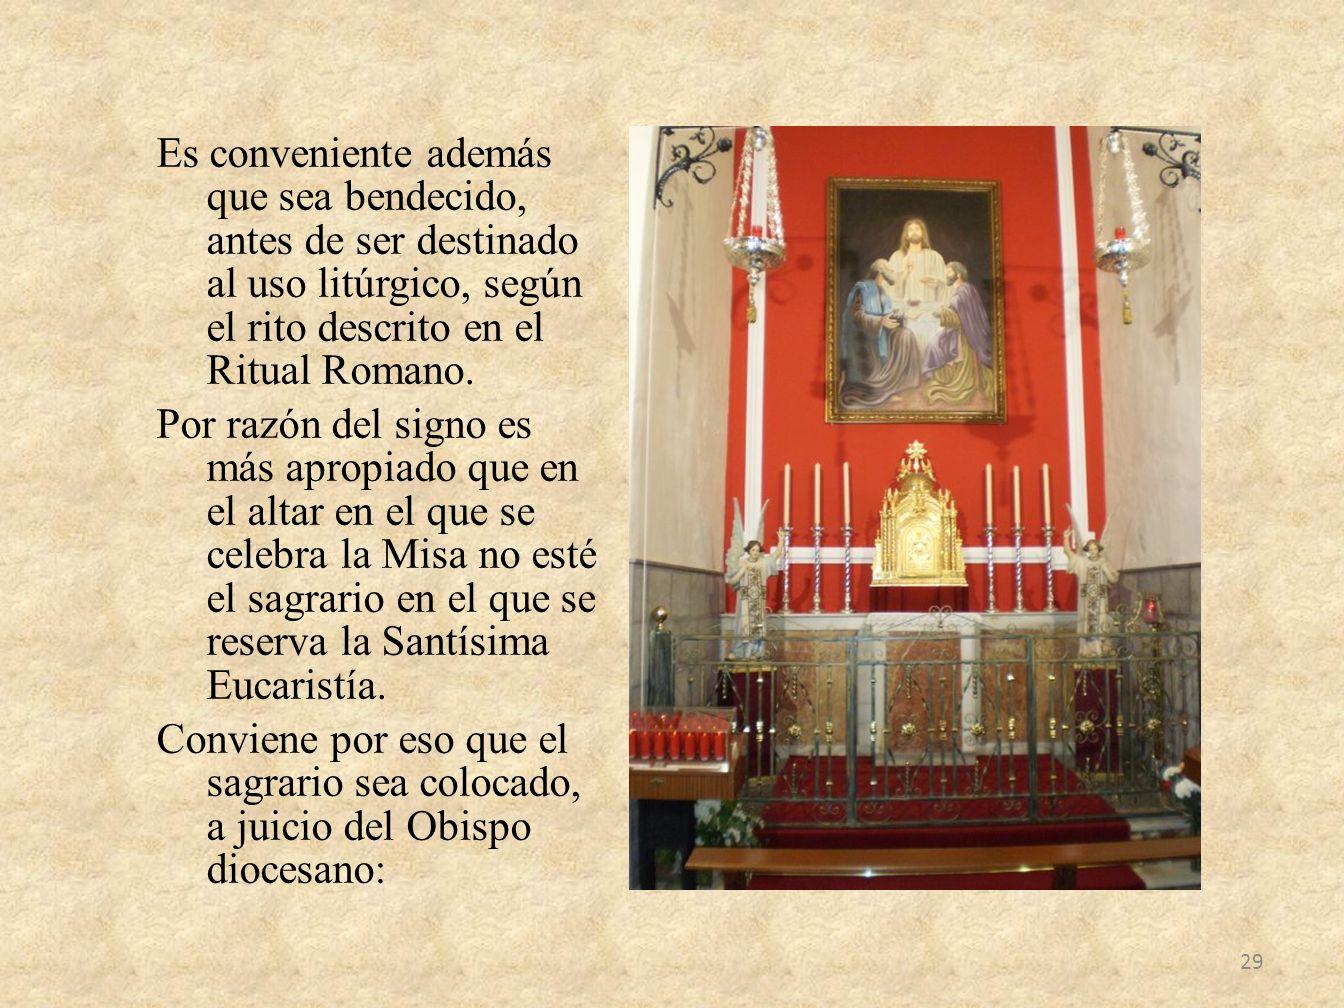 Es conveniente además que sea bendecido, antes de ser destinado al uso litúrgico, según el rito descrito en el Ritual Romano. Por razón del signo es m